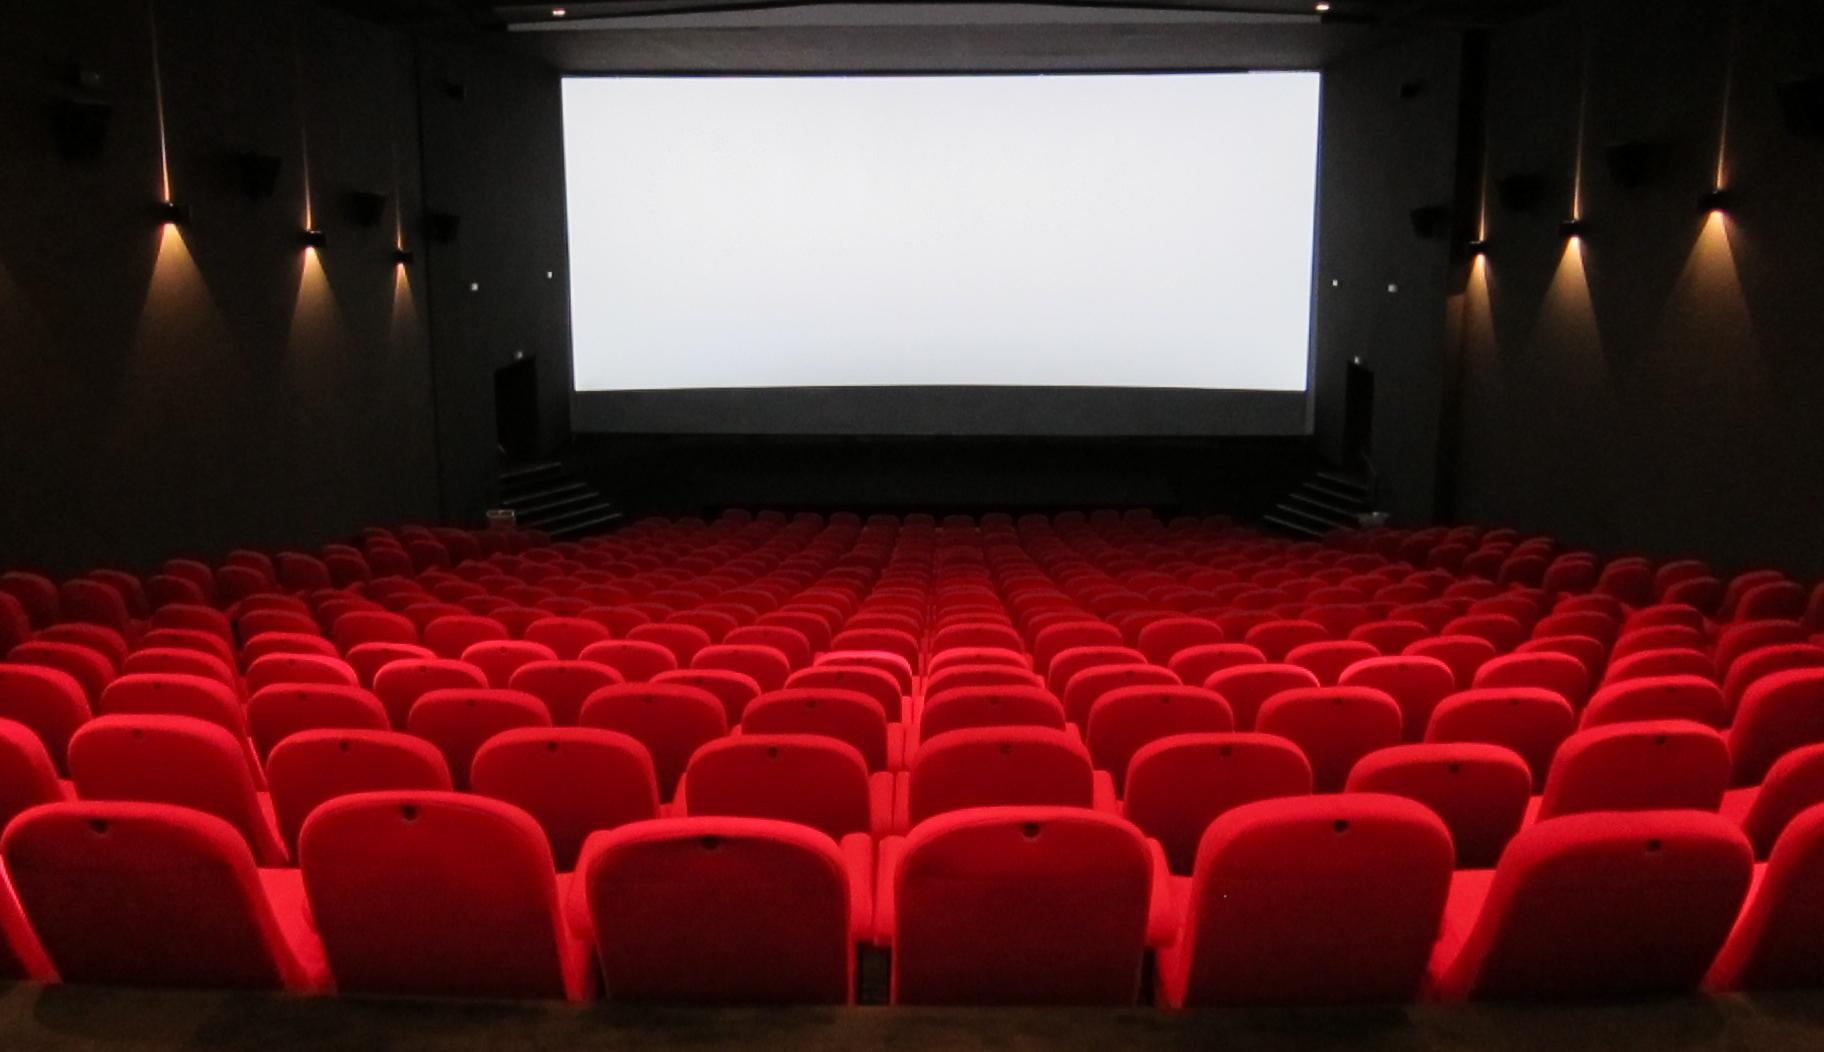 Arrivano gli sconti per andare al cinema, al teatro e ai concerti YOUparti